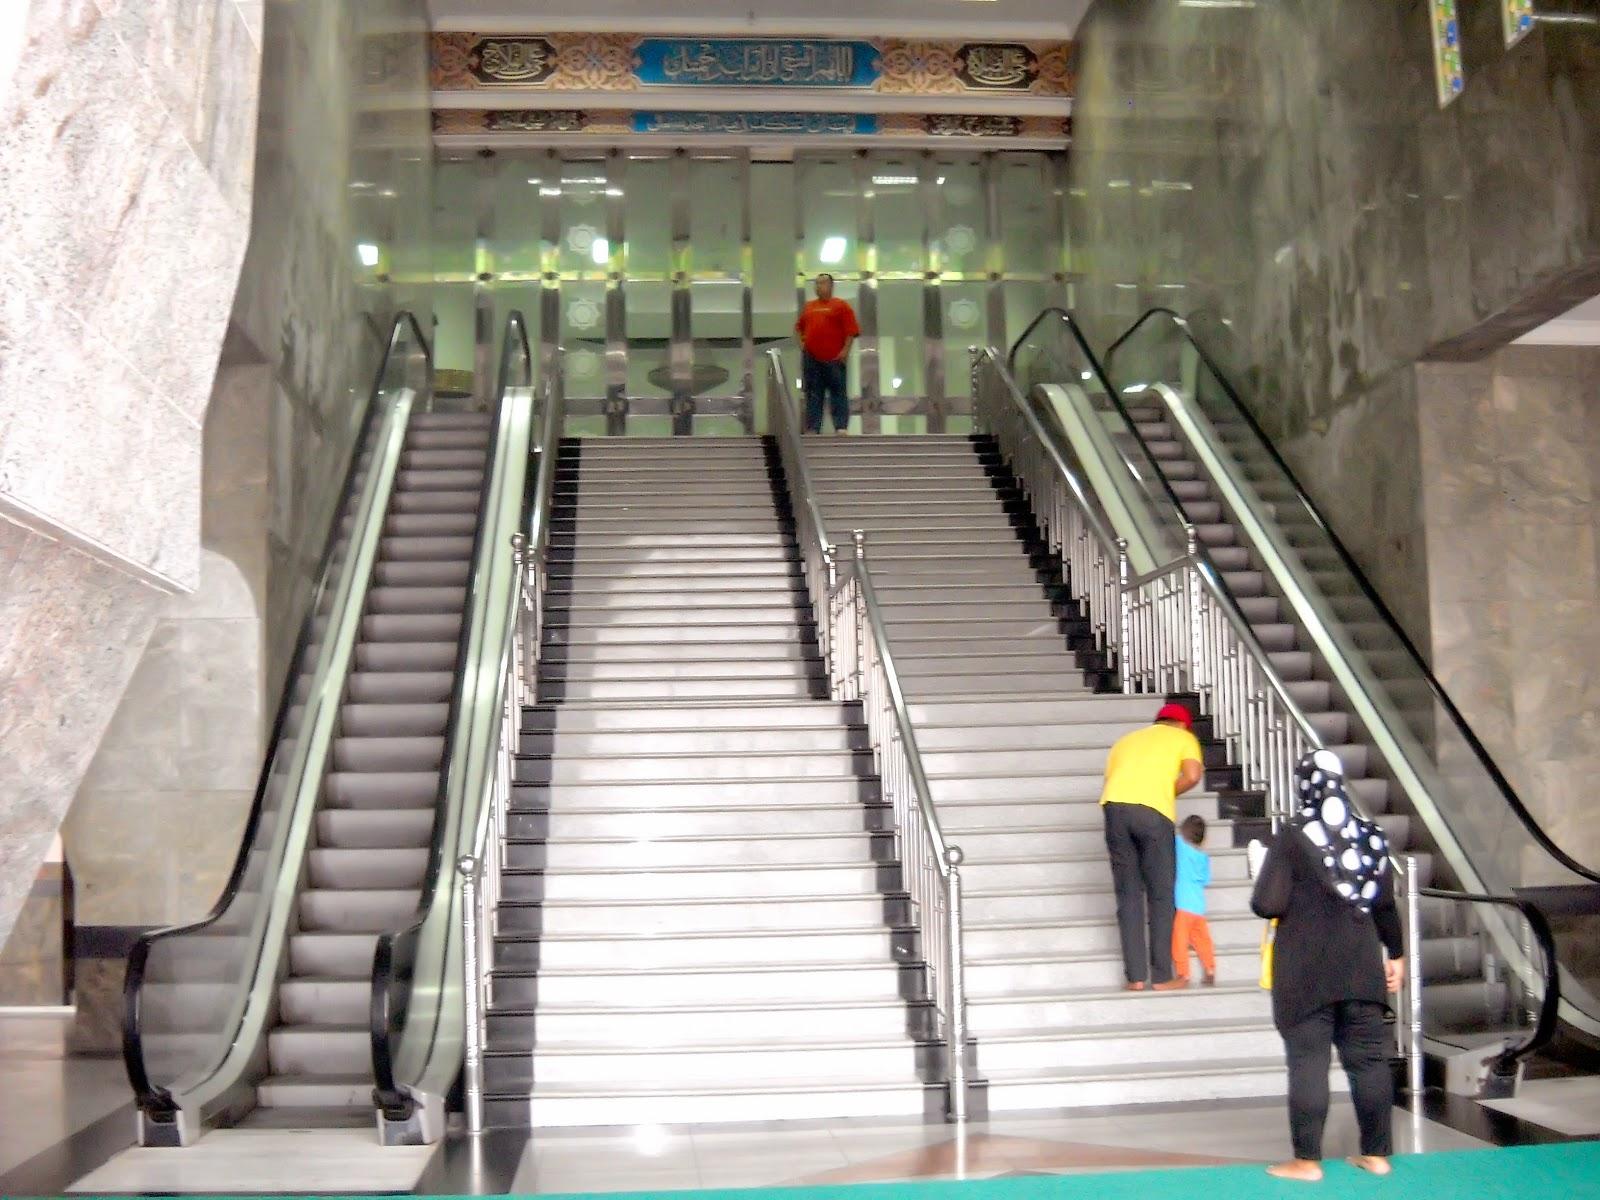 Riau Mempunyai Bangunan Mirip Taj Mahal Loh Berbagi Fasilitas Eskalator